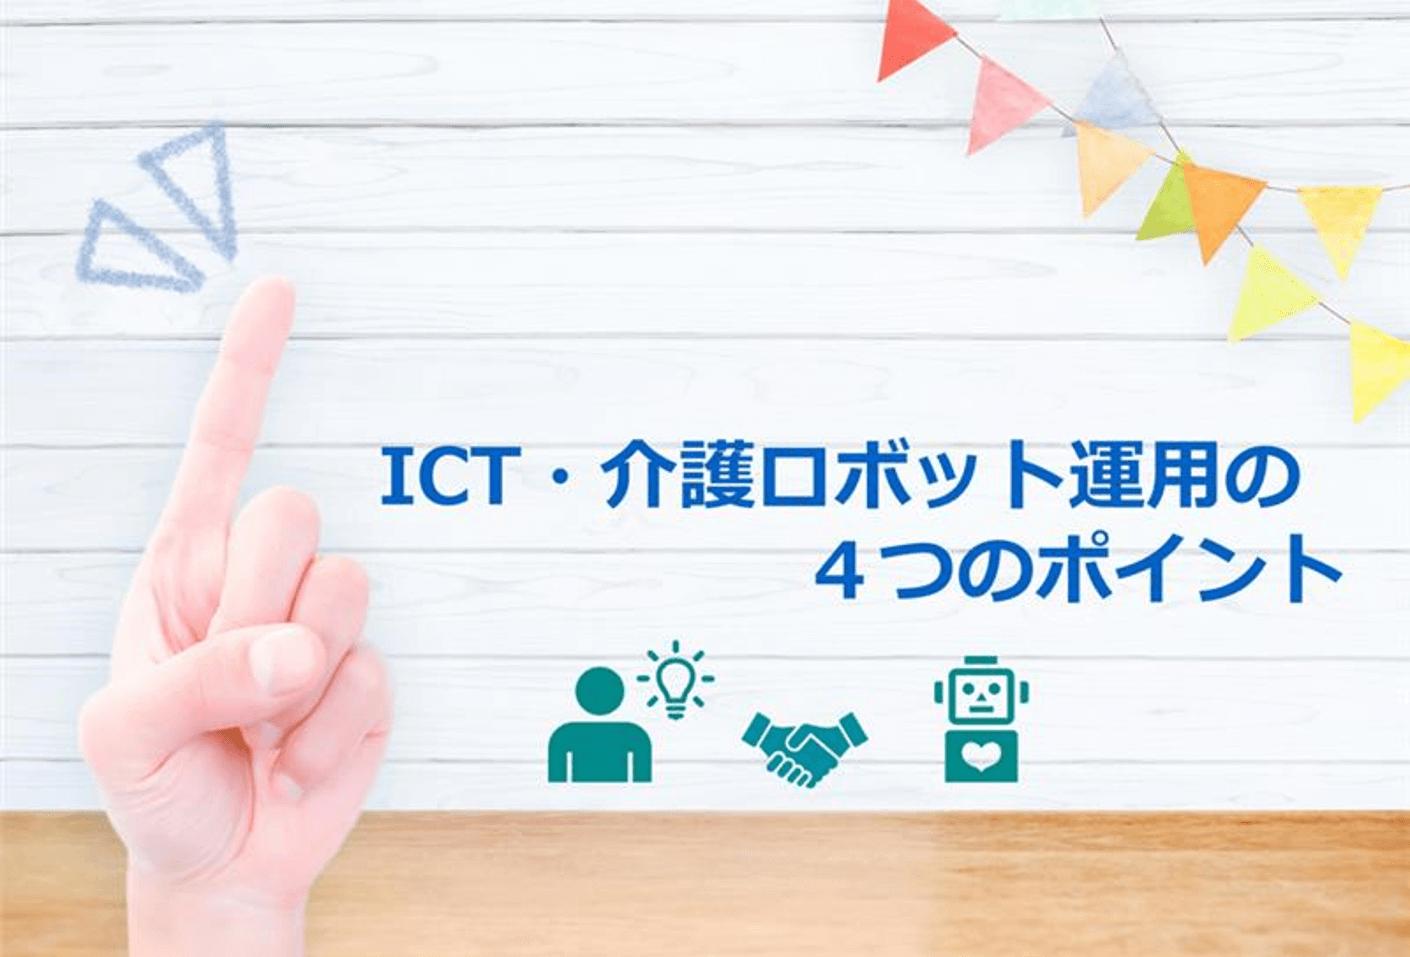 ICT・介護ロボットの運用で大切な4つのポイント